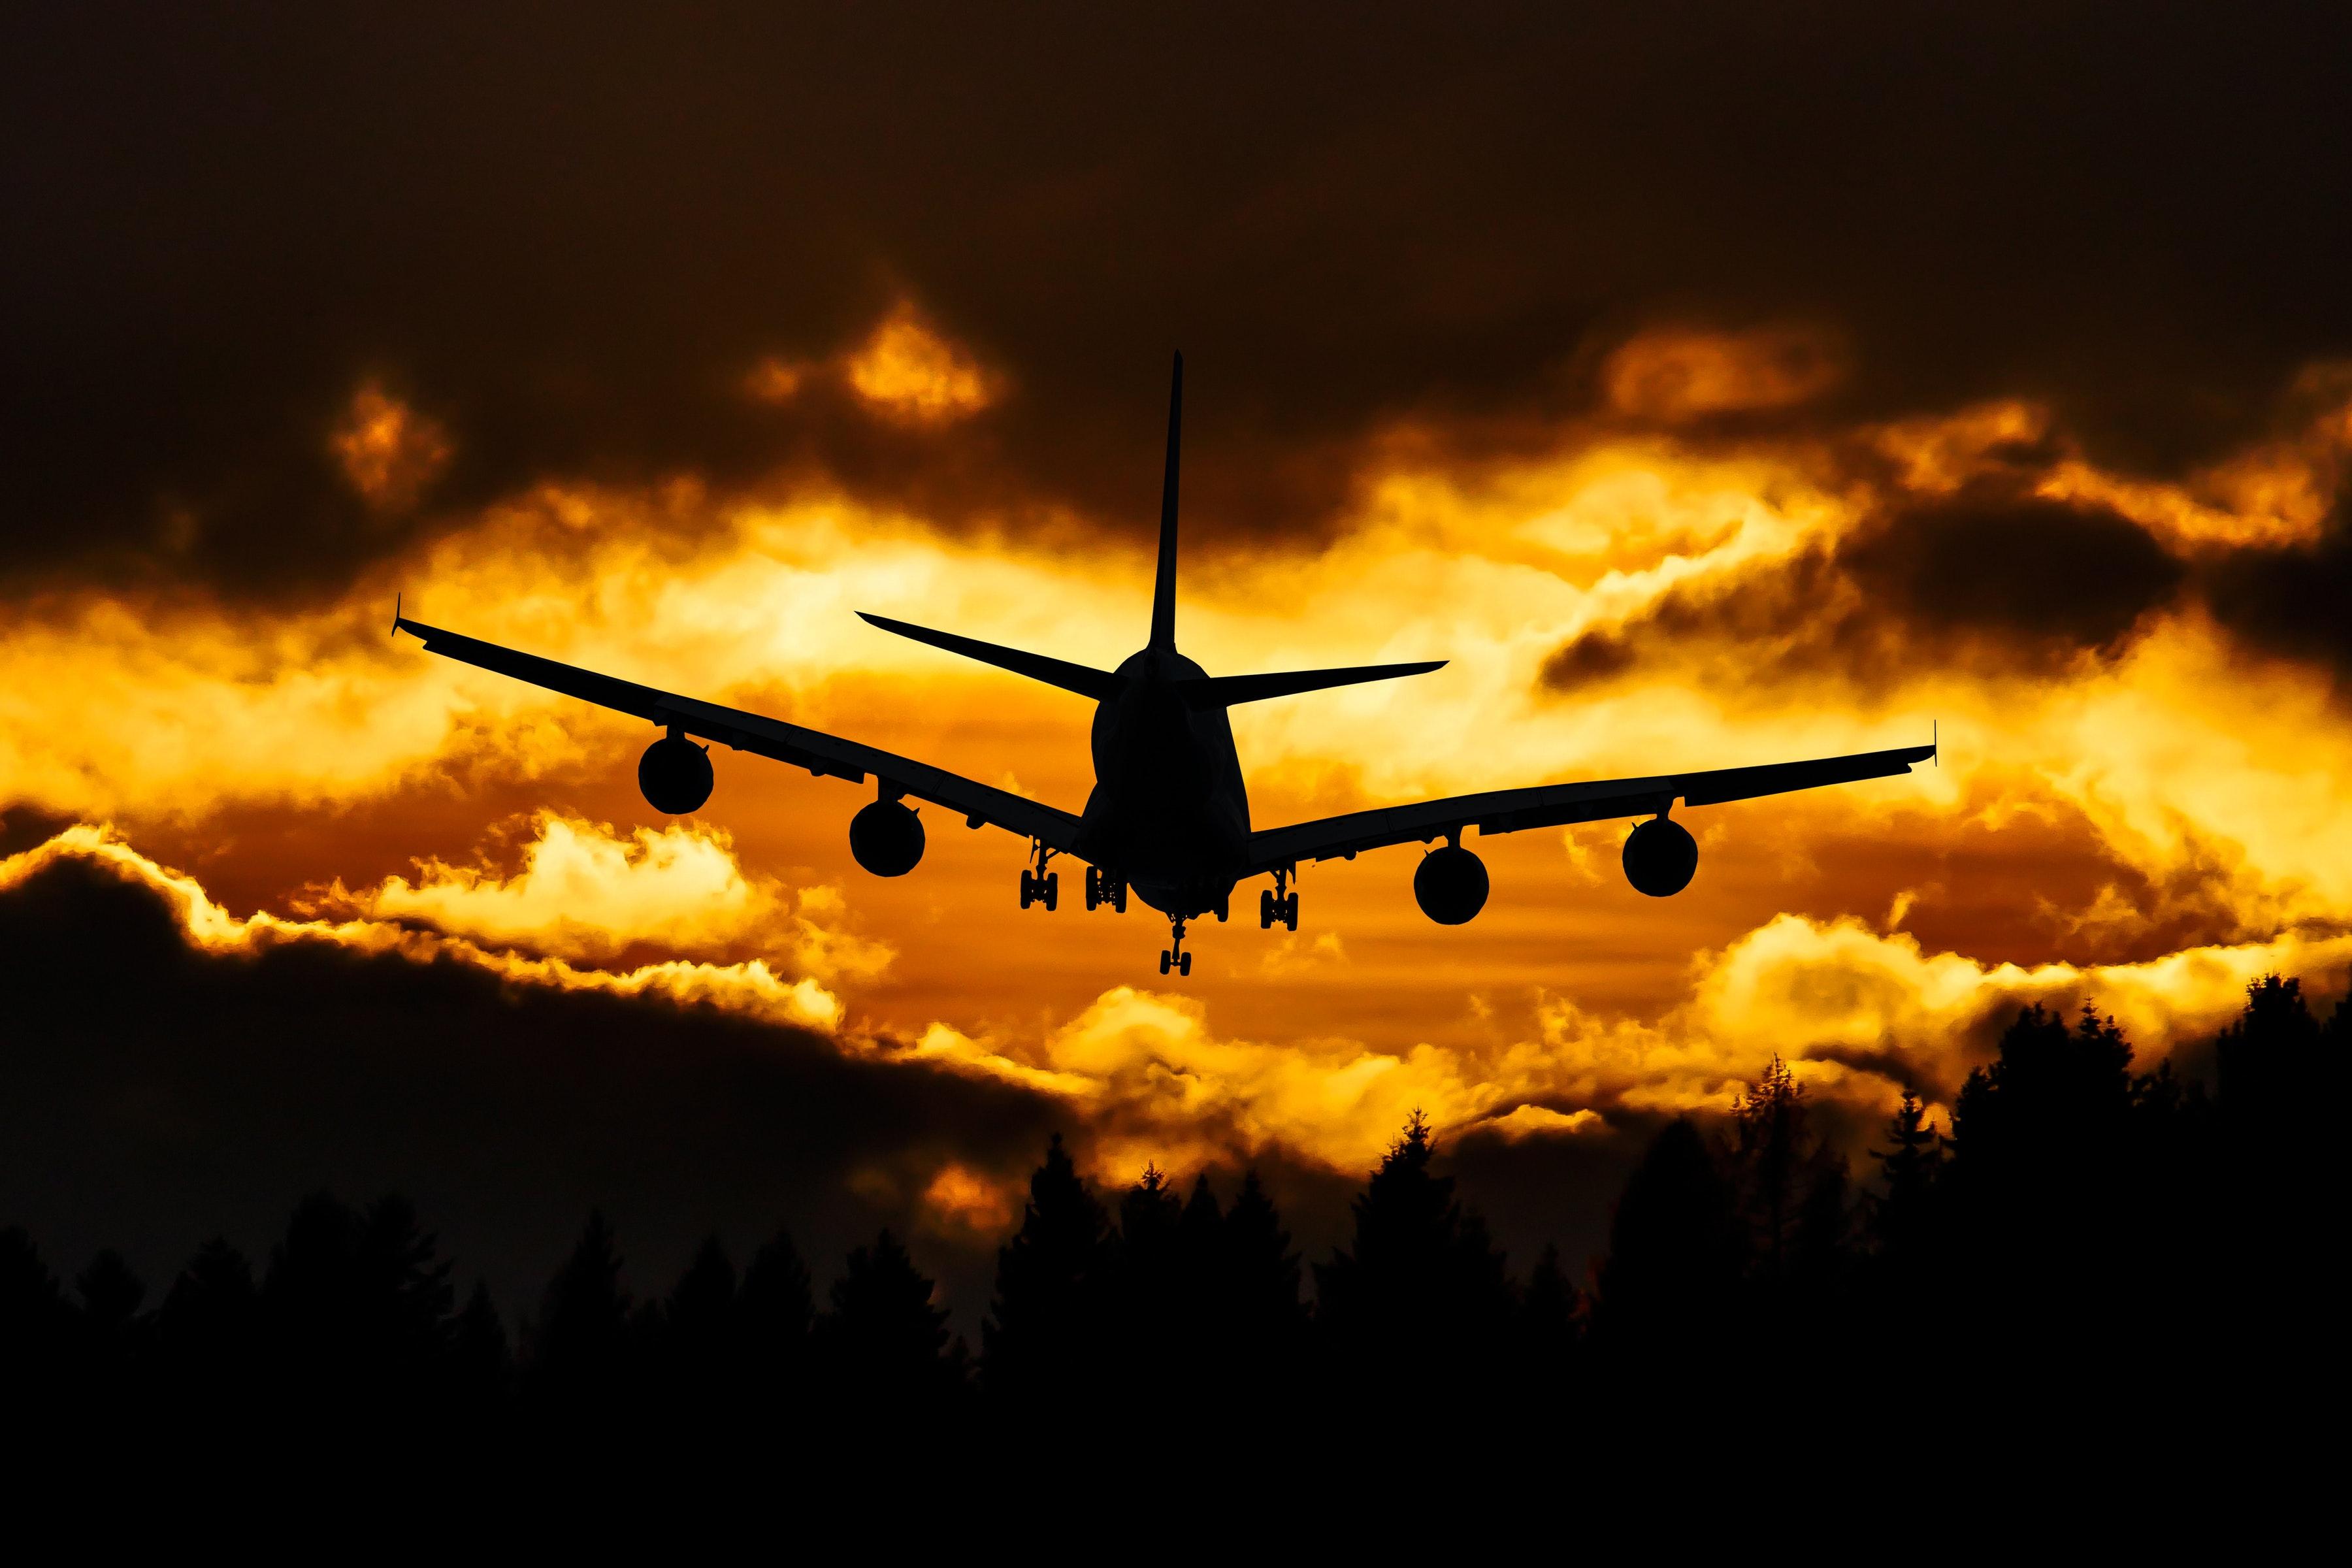 Männlicher Werden - Flugzeug fliegt Sonnenuntergang entgegen